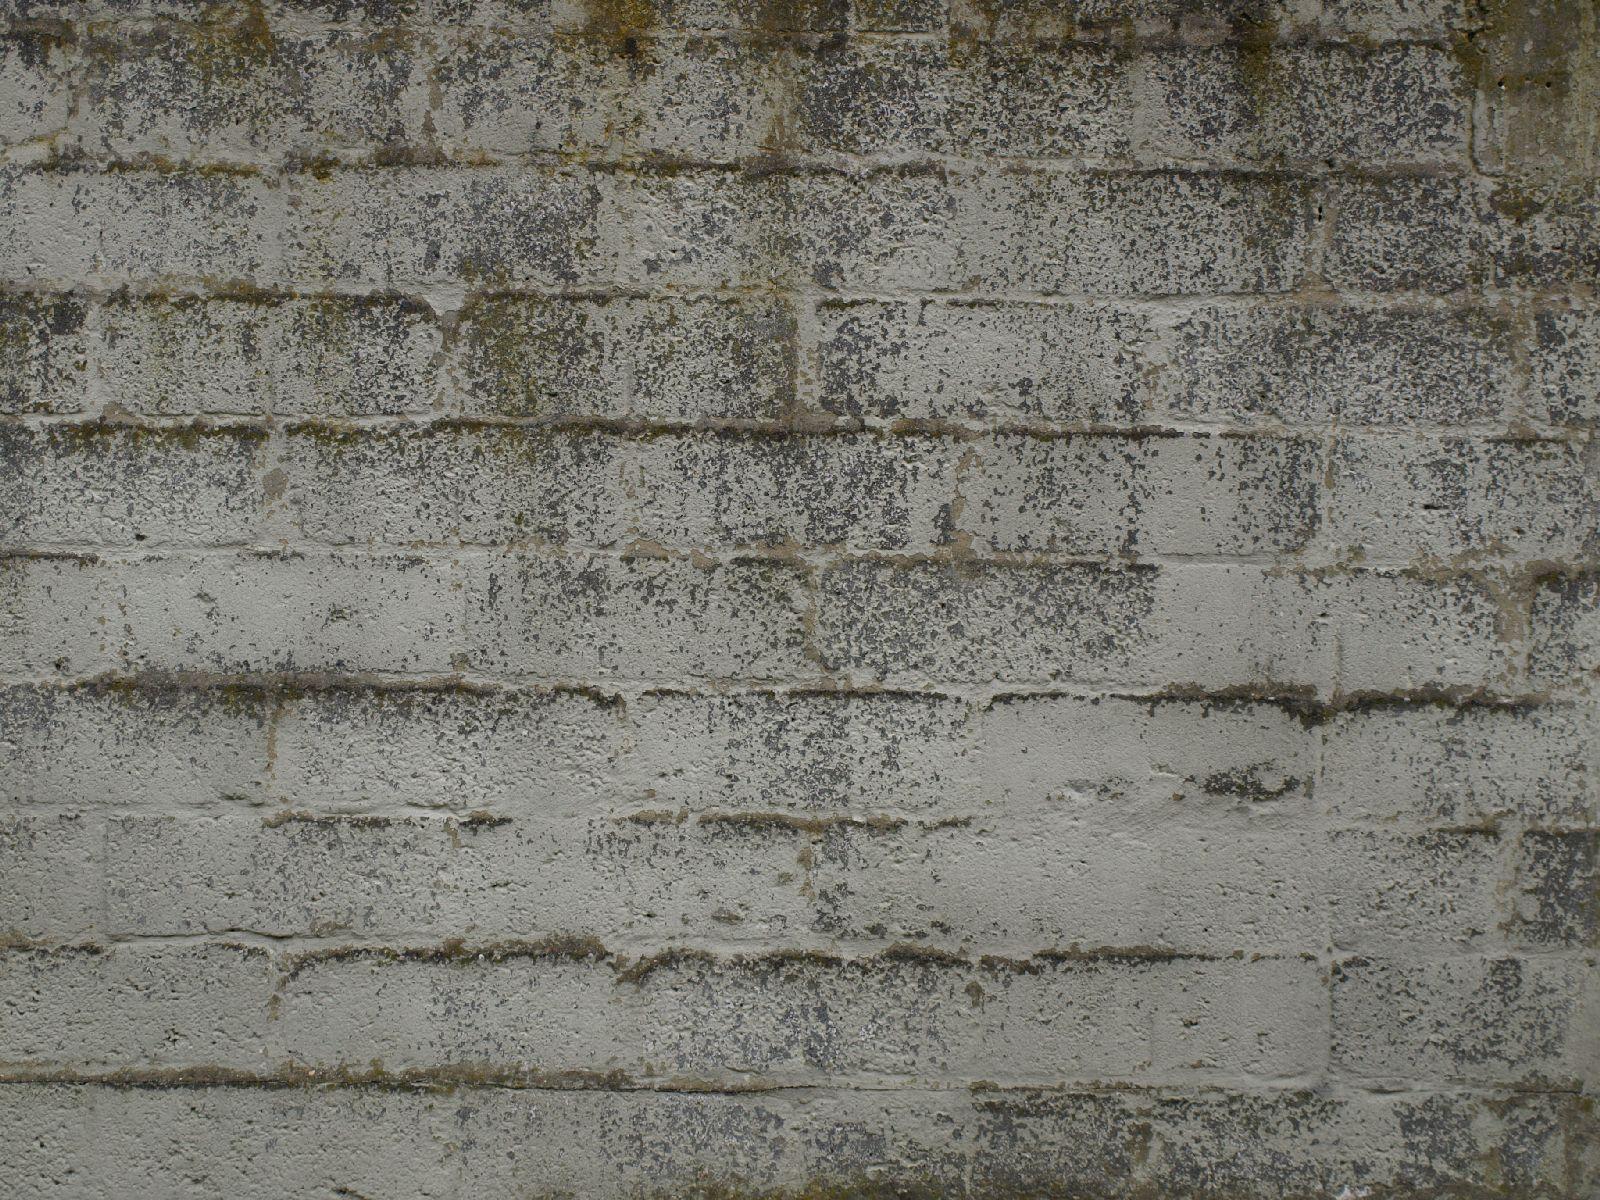 Grunge-Dreck_Textur_A_P4131202